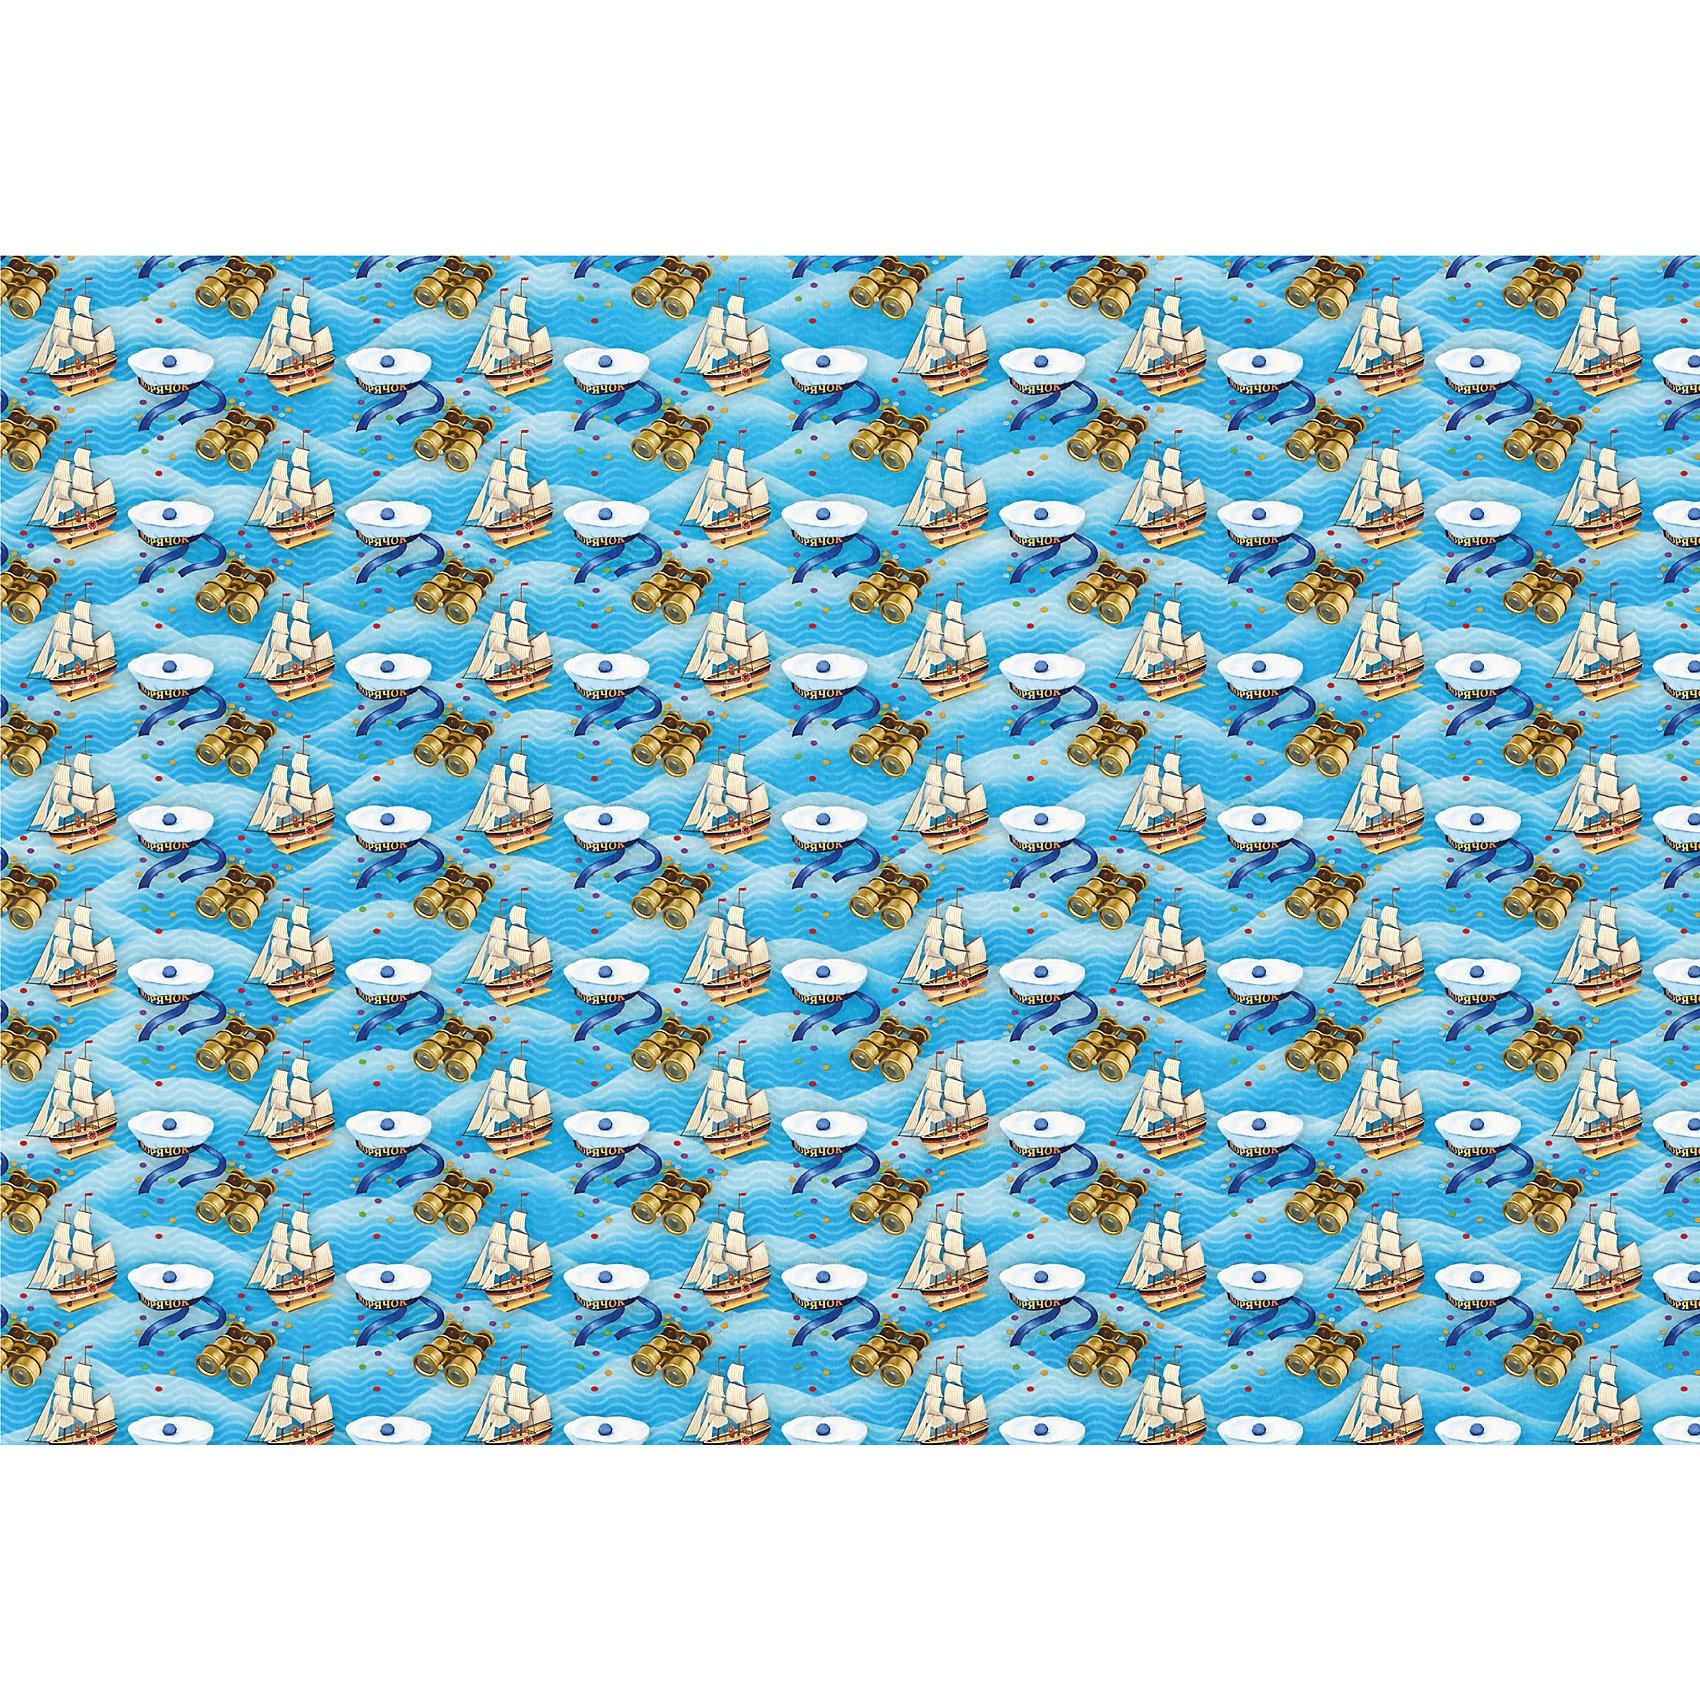 Новогодняя упаковочная бумага в рулонах Морячок, полноцветная 100x70смХарактеристики товара:<br><br>• размер: 100х70 мм<br>• комплектация: 1 шт<br>• материал: бумага<br>• с орнаментом<br>• страна производства: Китай<br><br>Подарки в красивых упаковках - неотъемлемая часть приятных новогодних ритуалов! Эта подарочная бумага будет отлично смотреться в под ёлкой, она качественно выполнена и нарядно выглядит благодаря яркому рисунку. С такой упаковкой подарок будет и дарить и принимать приятнее! Продаётся в листах размером 100х70 сантиметров.<br>Такие небольшие детали и создают праздник! От них во многом зависит хорошее новогоднее настроение. Изделие производится из качественных сертифицированных материалов, безопасных даже для самых маленьких.<br><br>Новогоднюю упаковочную бумагу в рулонах Морячок, полноцветная 100x70см можно купить в нашем интернет-магазине.<br><br>Ширина мм: 700<br>Глубина мм: 1000<br>Высота мм: 20<br>Вес г: 300<br>Возраст от месяцев: 72<br>Возраст до месяцев: 480<br>Пол: Унисекс<br>Возраст: Детский<br>SKU: 5051706